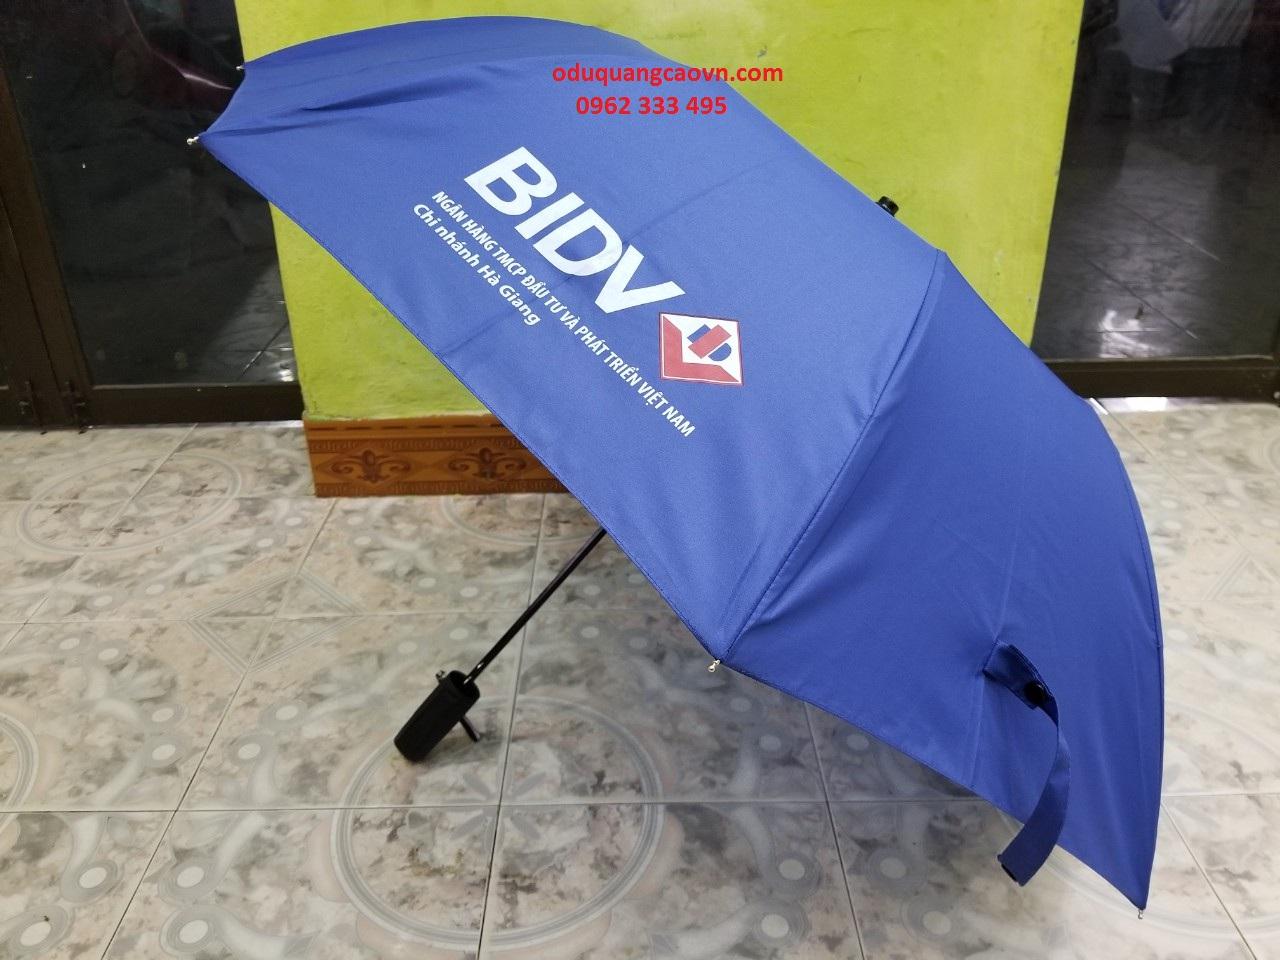 Một mẫu ô của ngân hàng BIDV